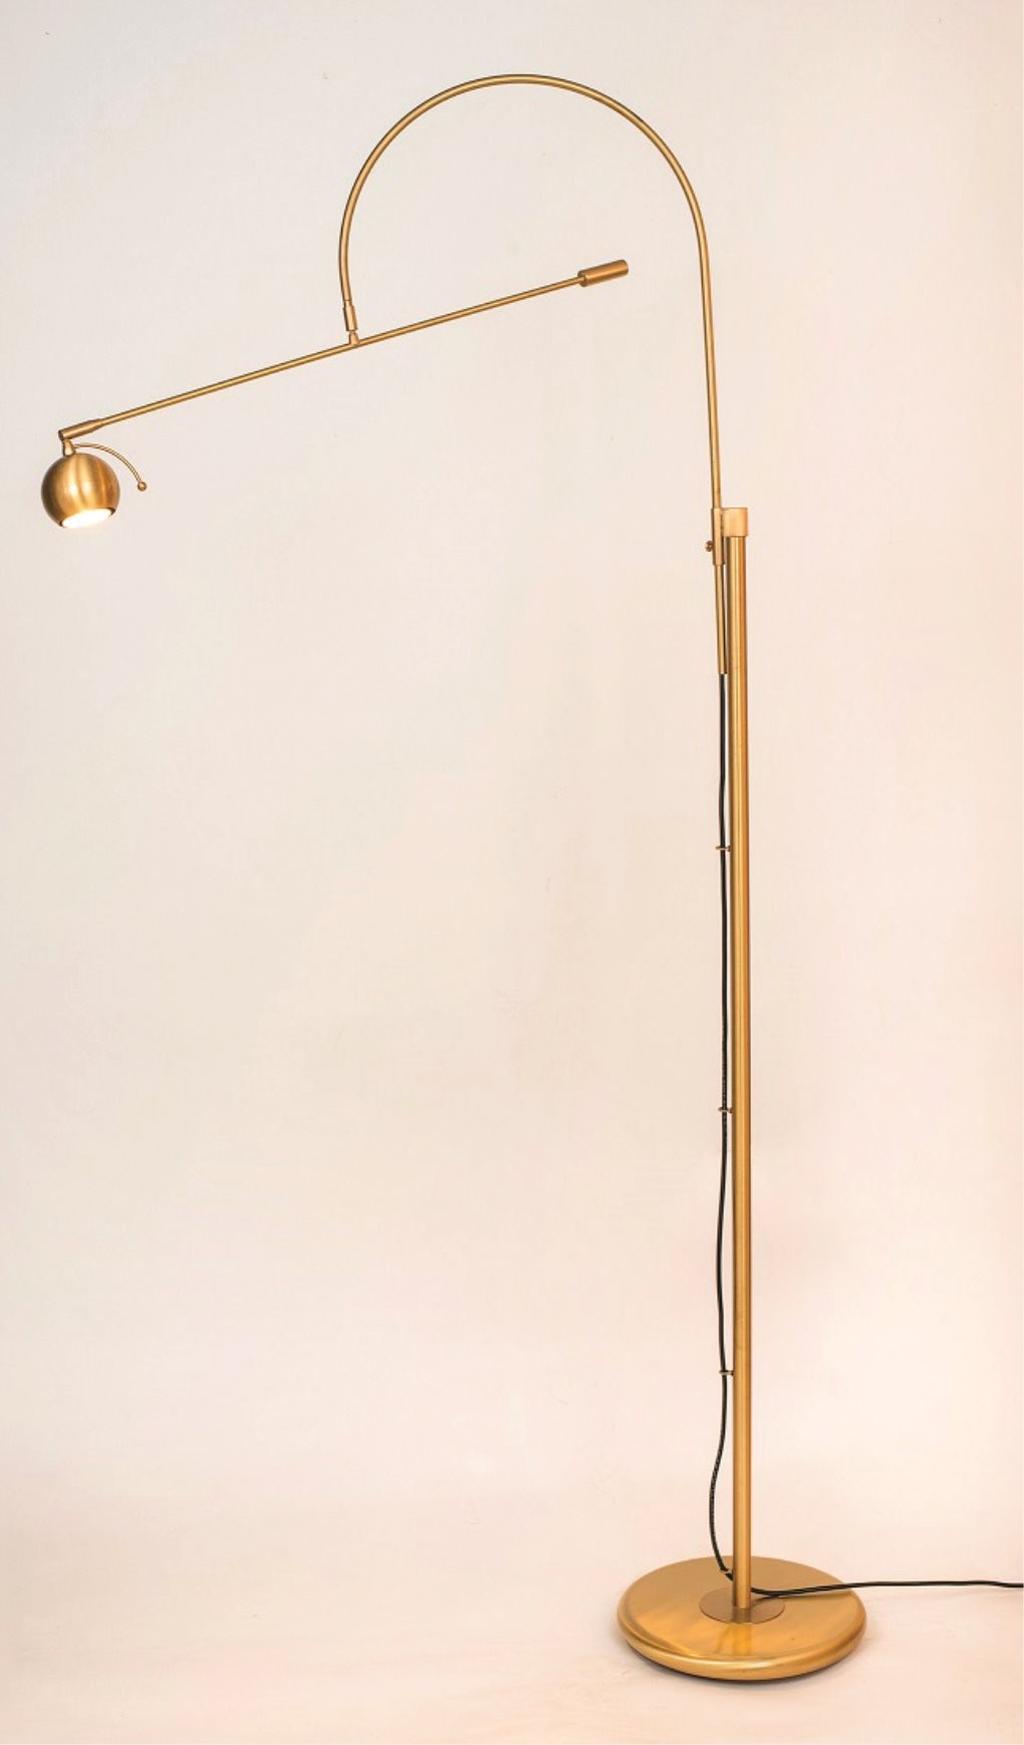 ברגמן תאורה - מהראשונים שעיצבו בארץ תאורה, גוף תאורה מפליז